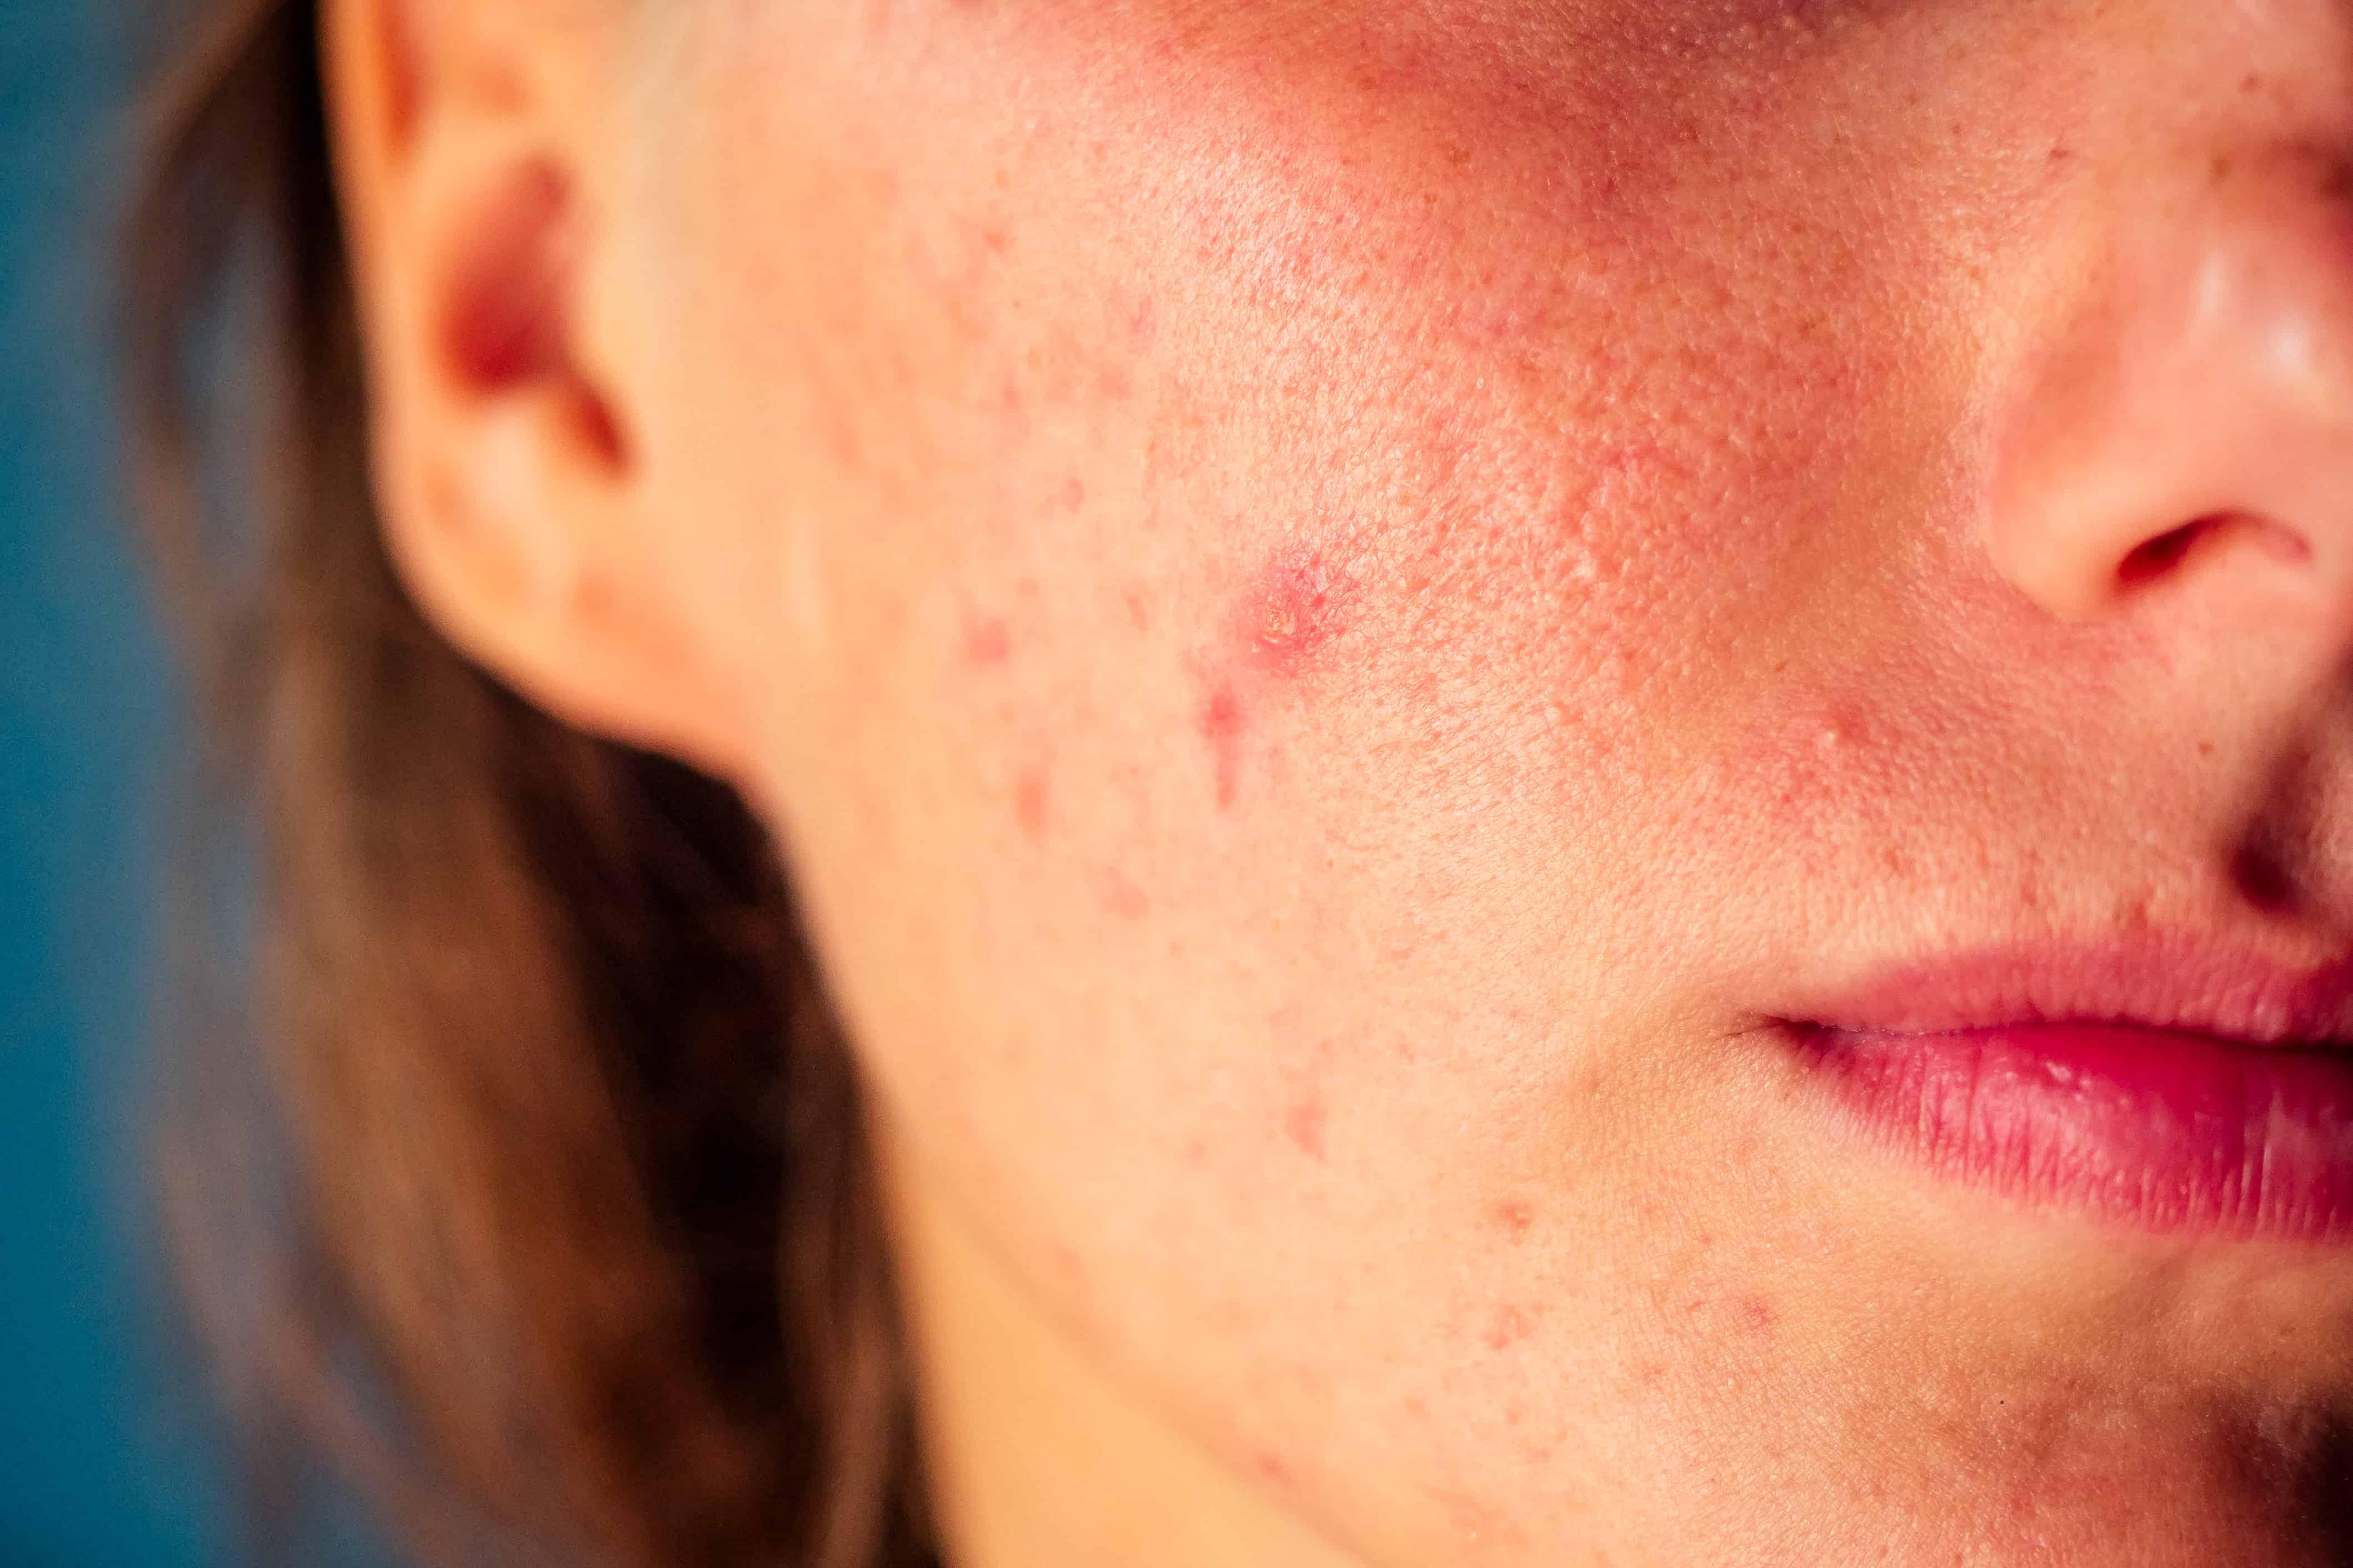 Yaygın Cilt Hastalıkları Nelerdir?